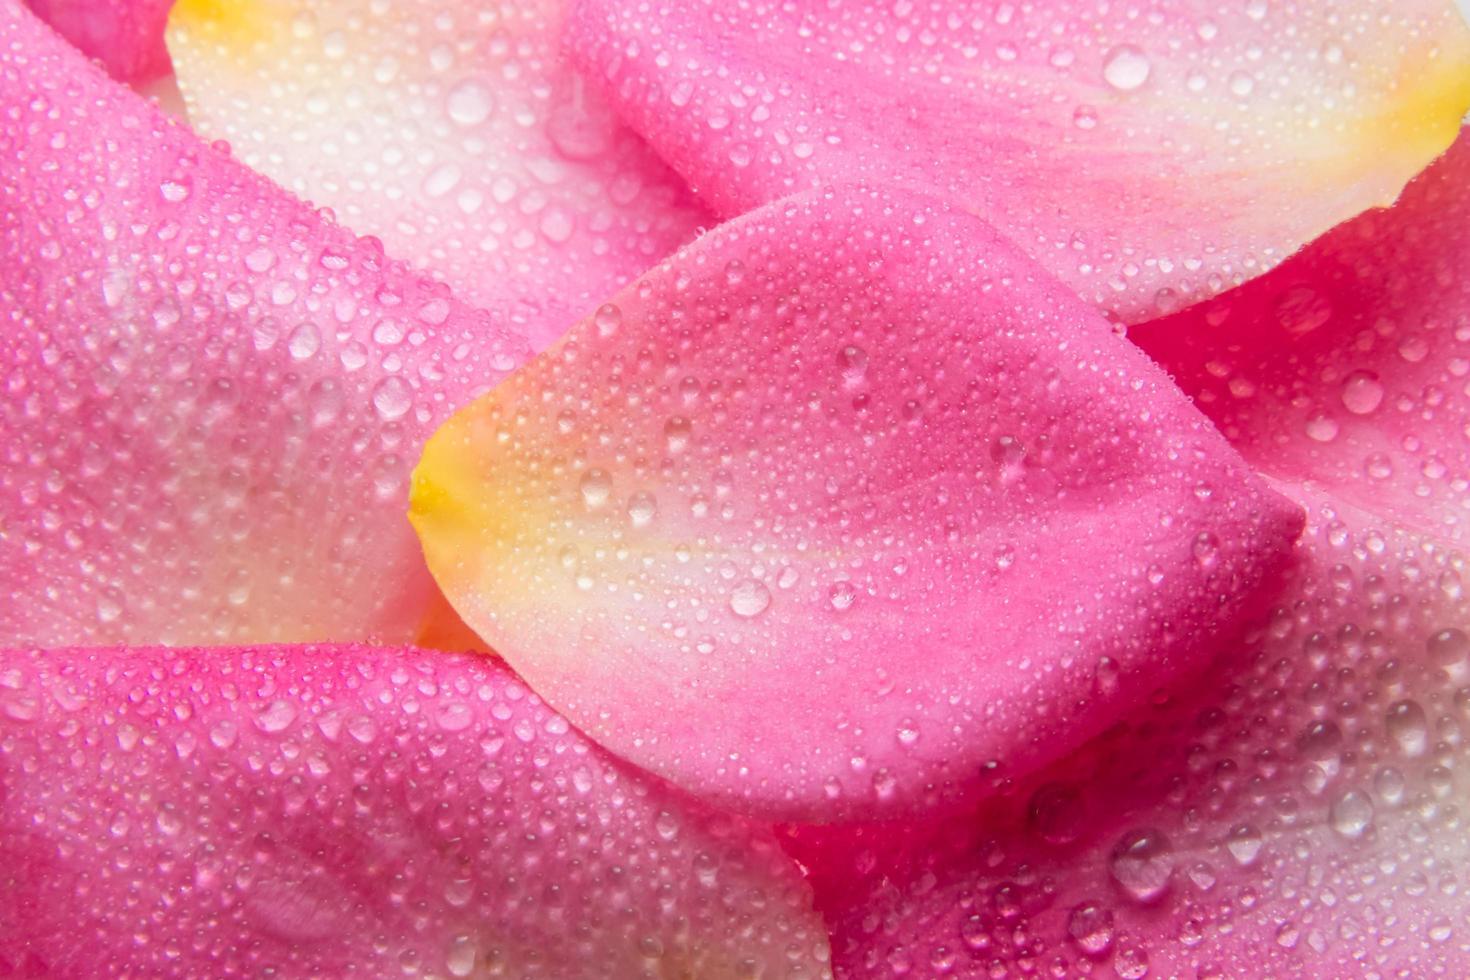 gouttelettes d'eau sur les pétales d'une rose rose photo